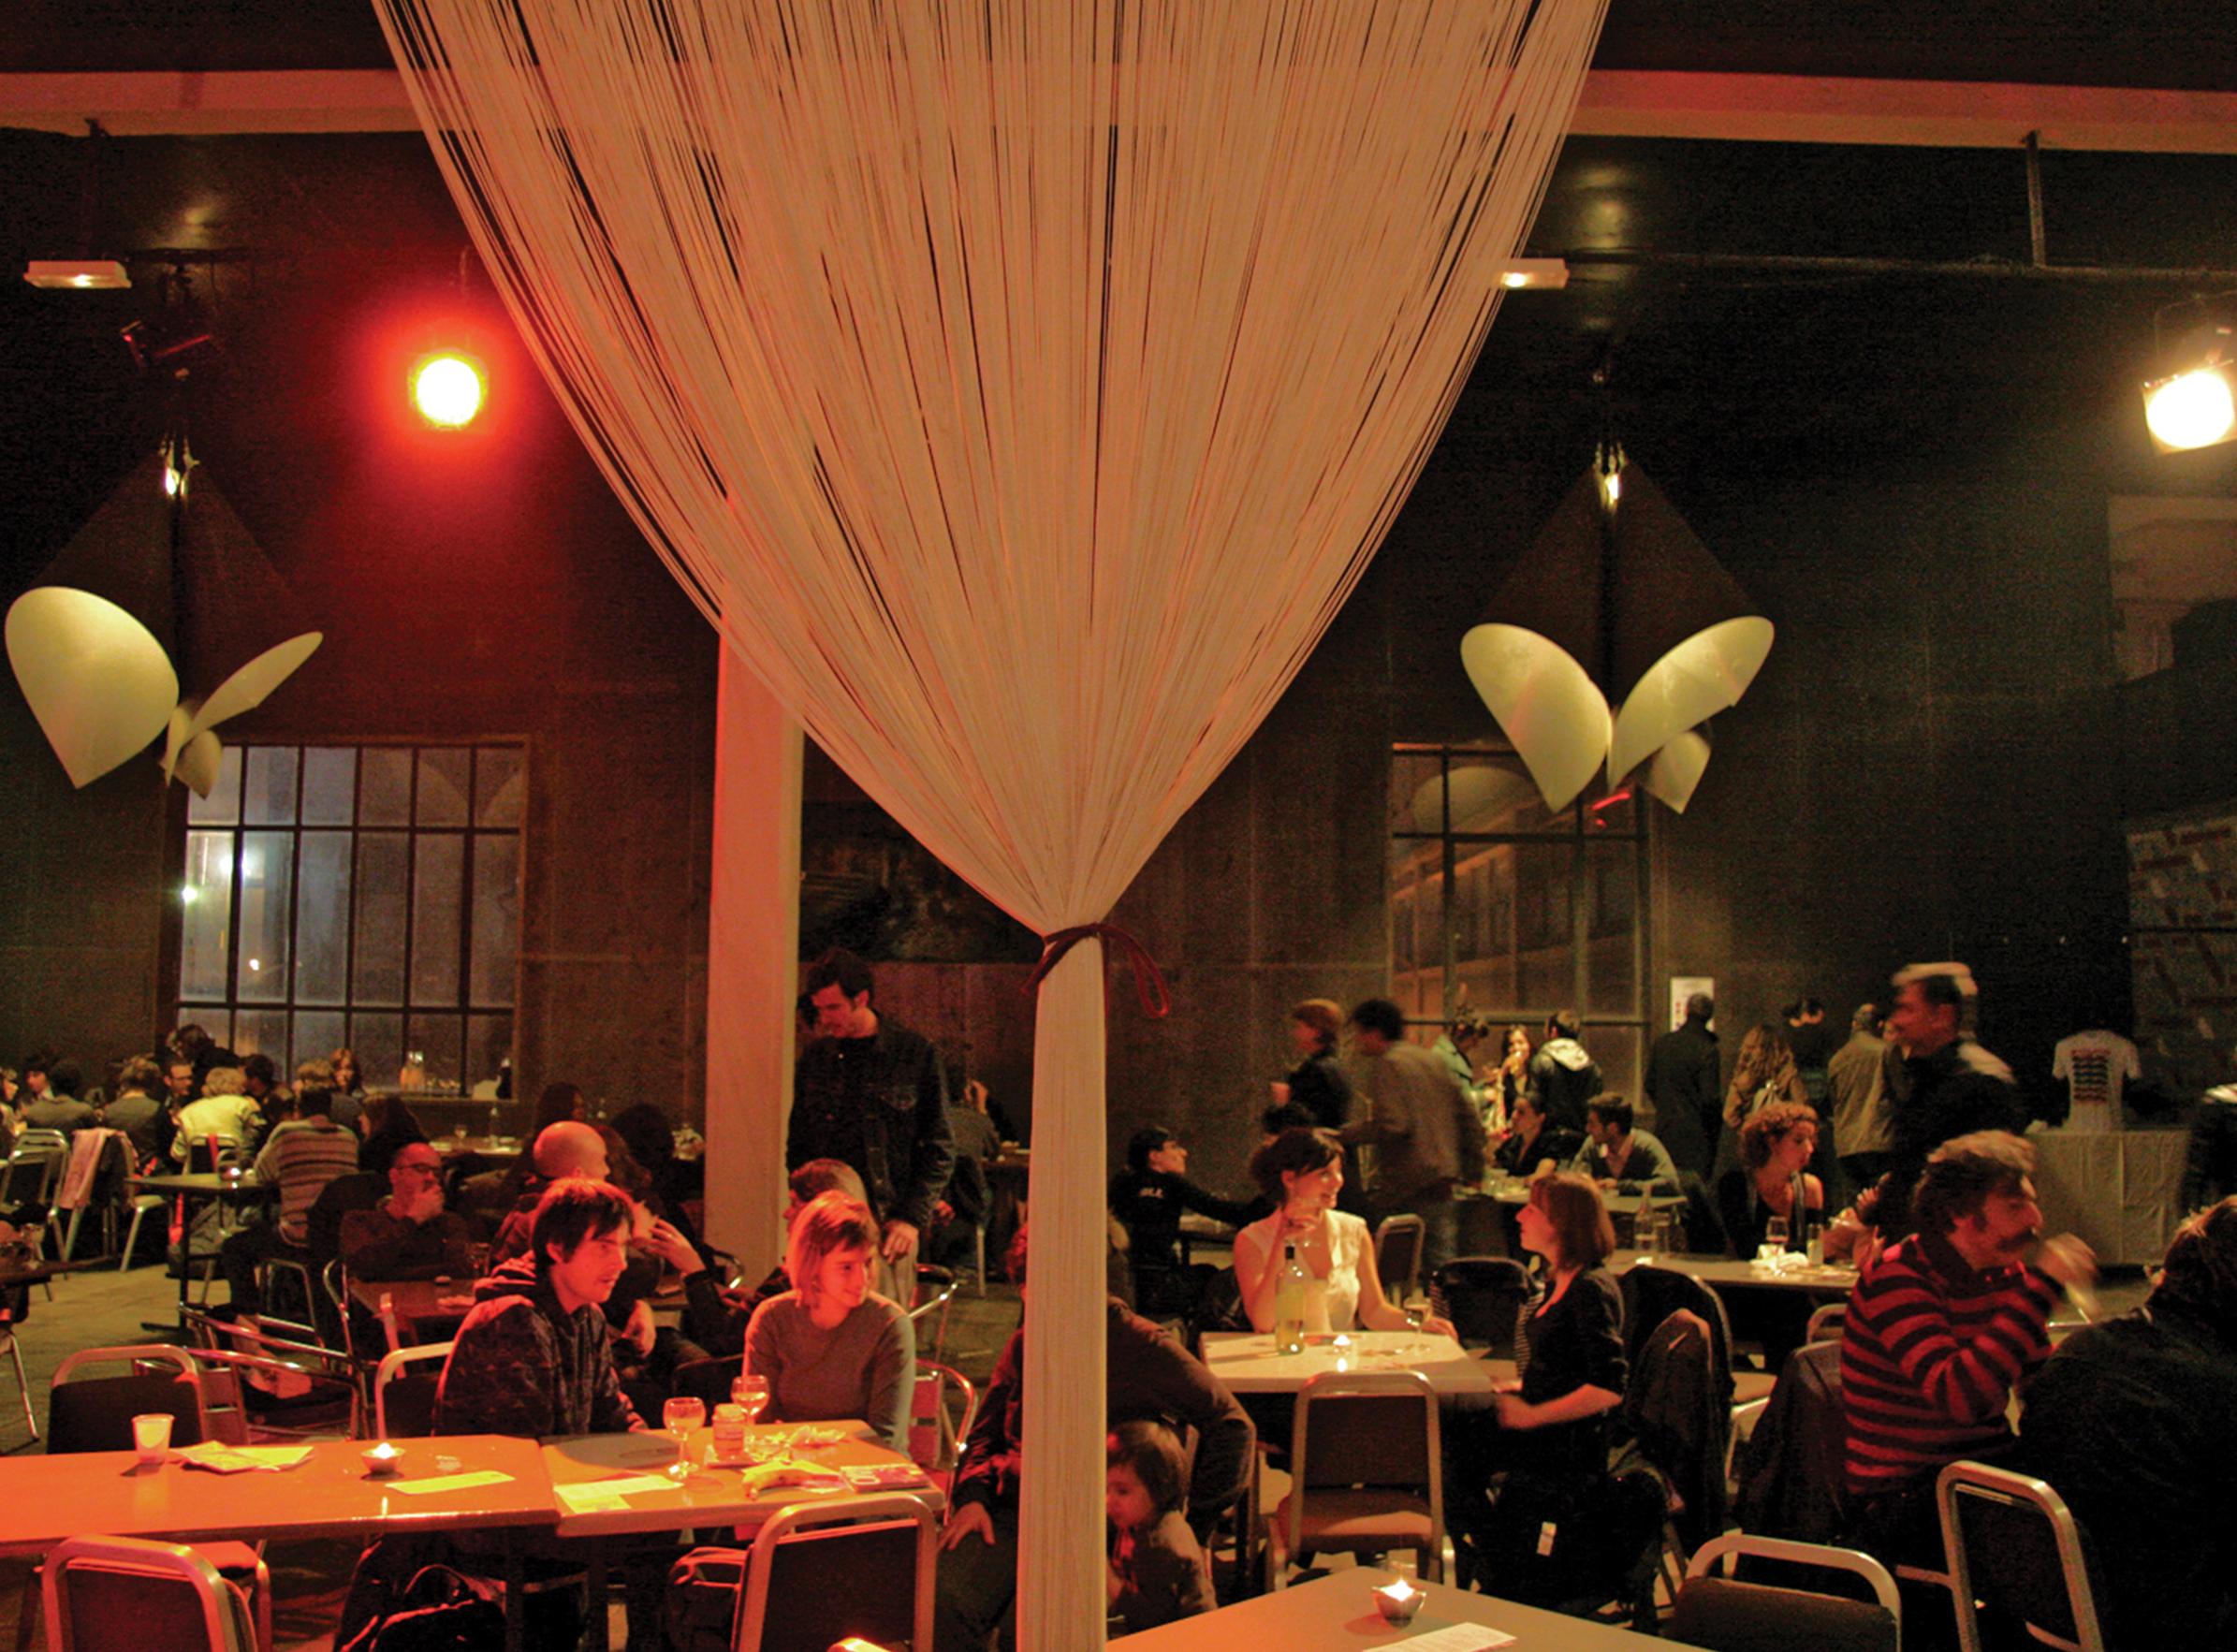 Grandes Tables - 02 - Équipements Bureau - Caractère Spécial - Matthieu Poitevin Architecture